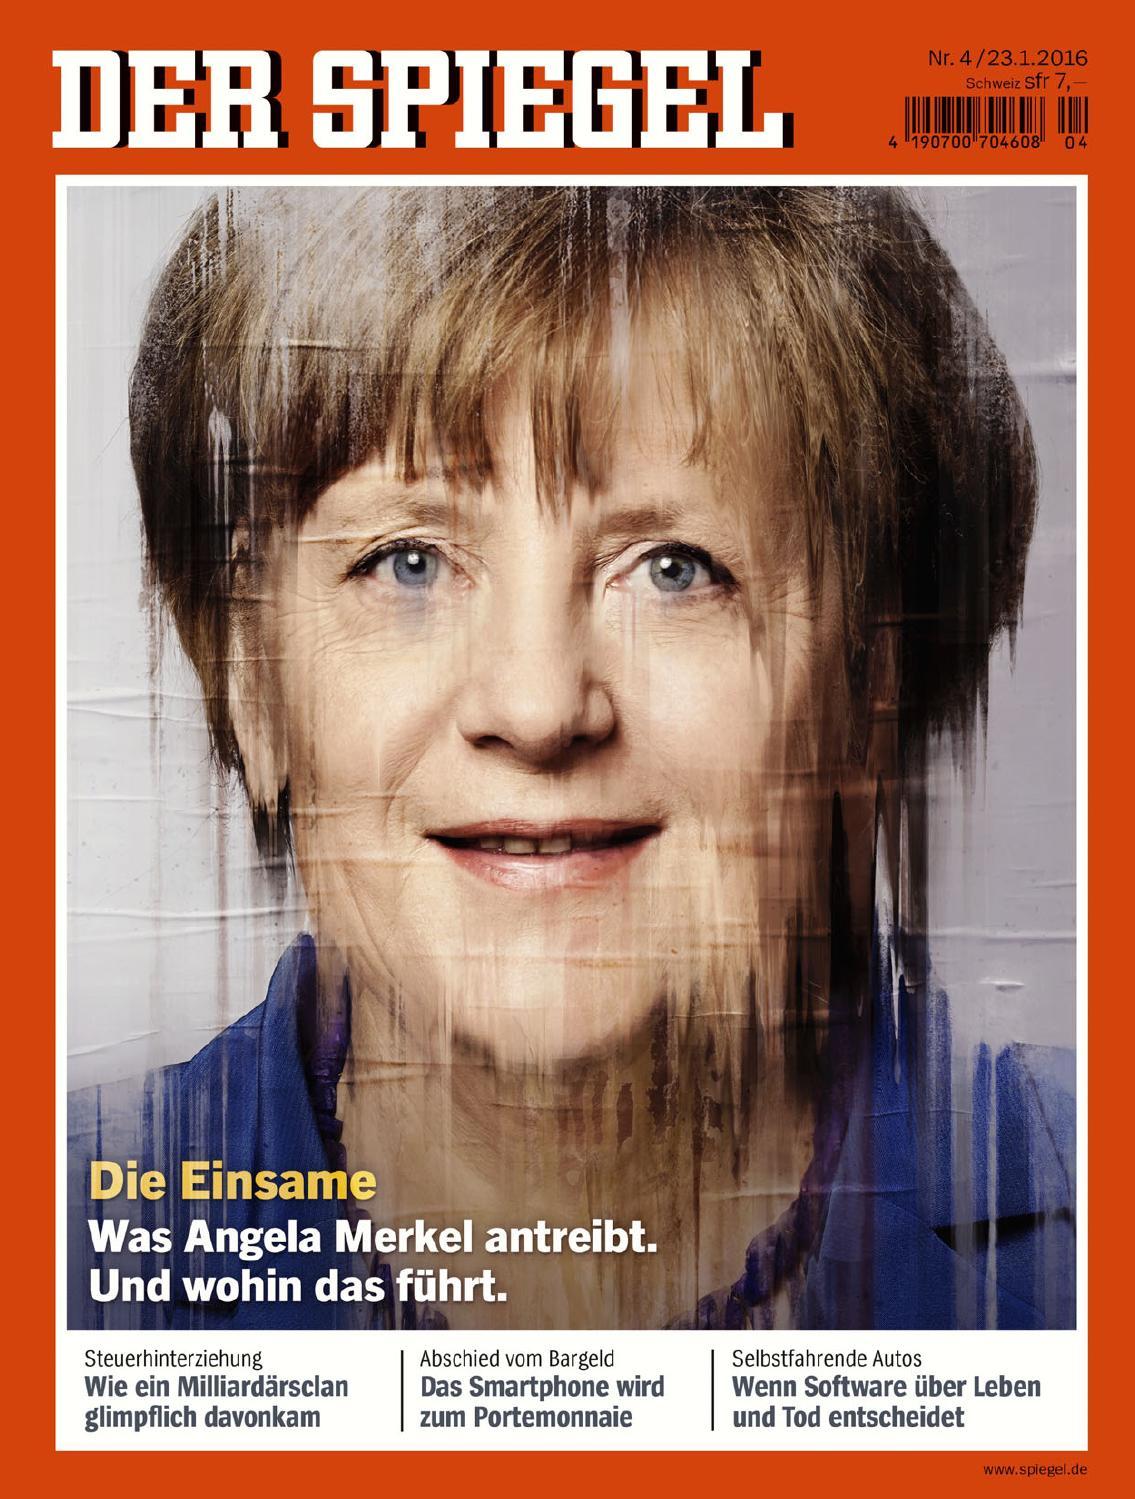 Der Spiegel 2016 04 By Shaoqing Chen   Issuu